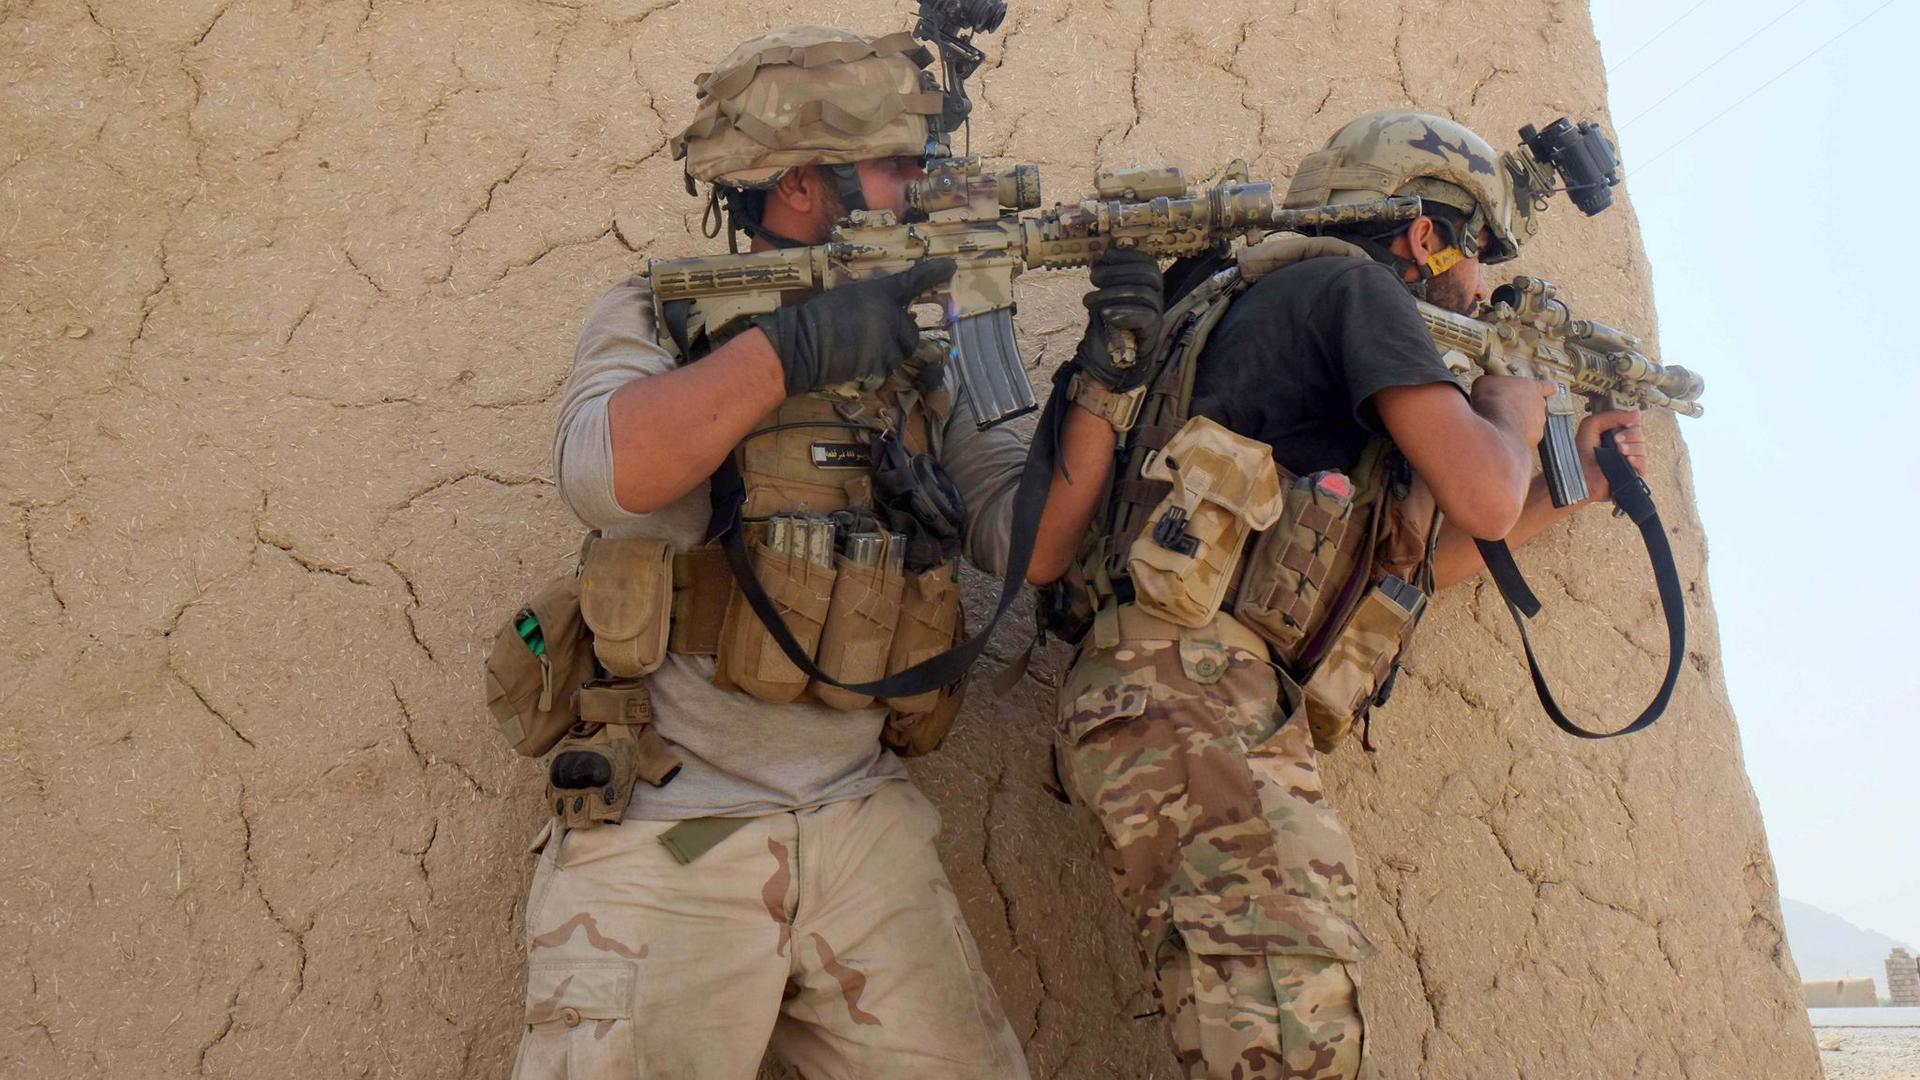 Mitglieder der afghanischen Sicherheitskräfte Anfang Juli während eines Gefechts mit Taliban.